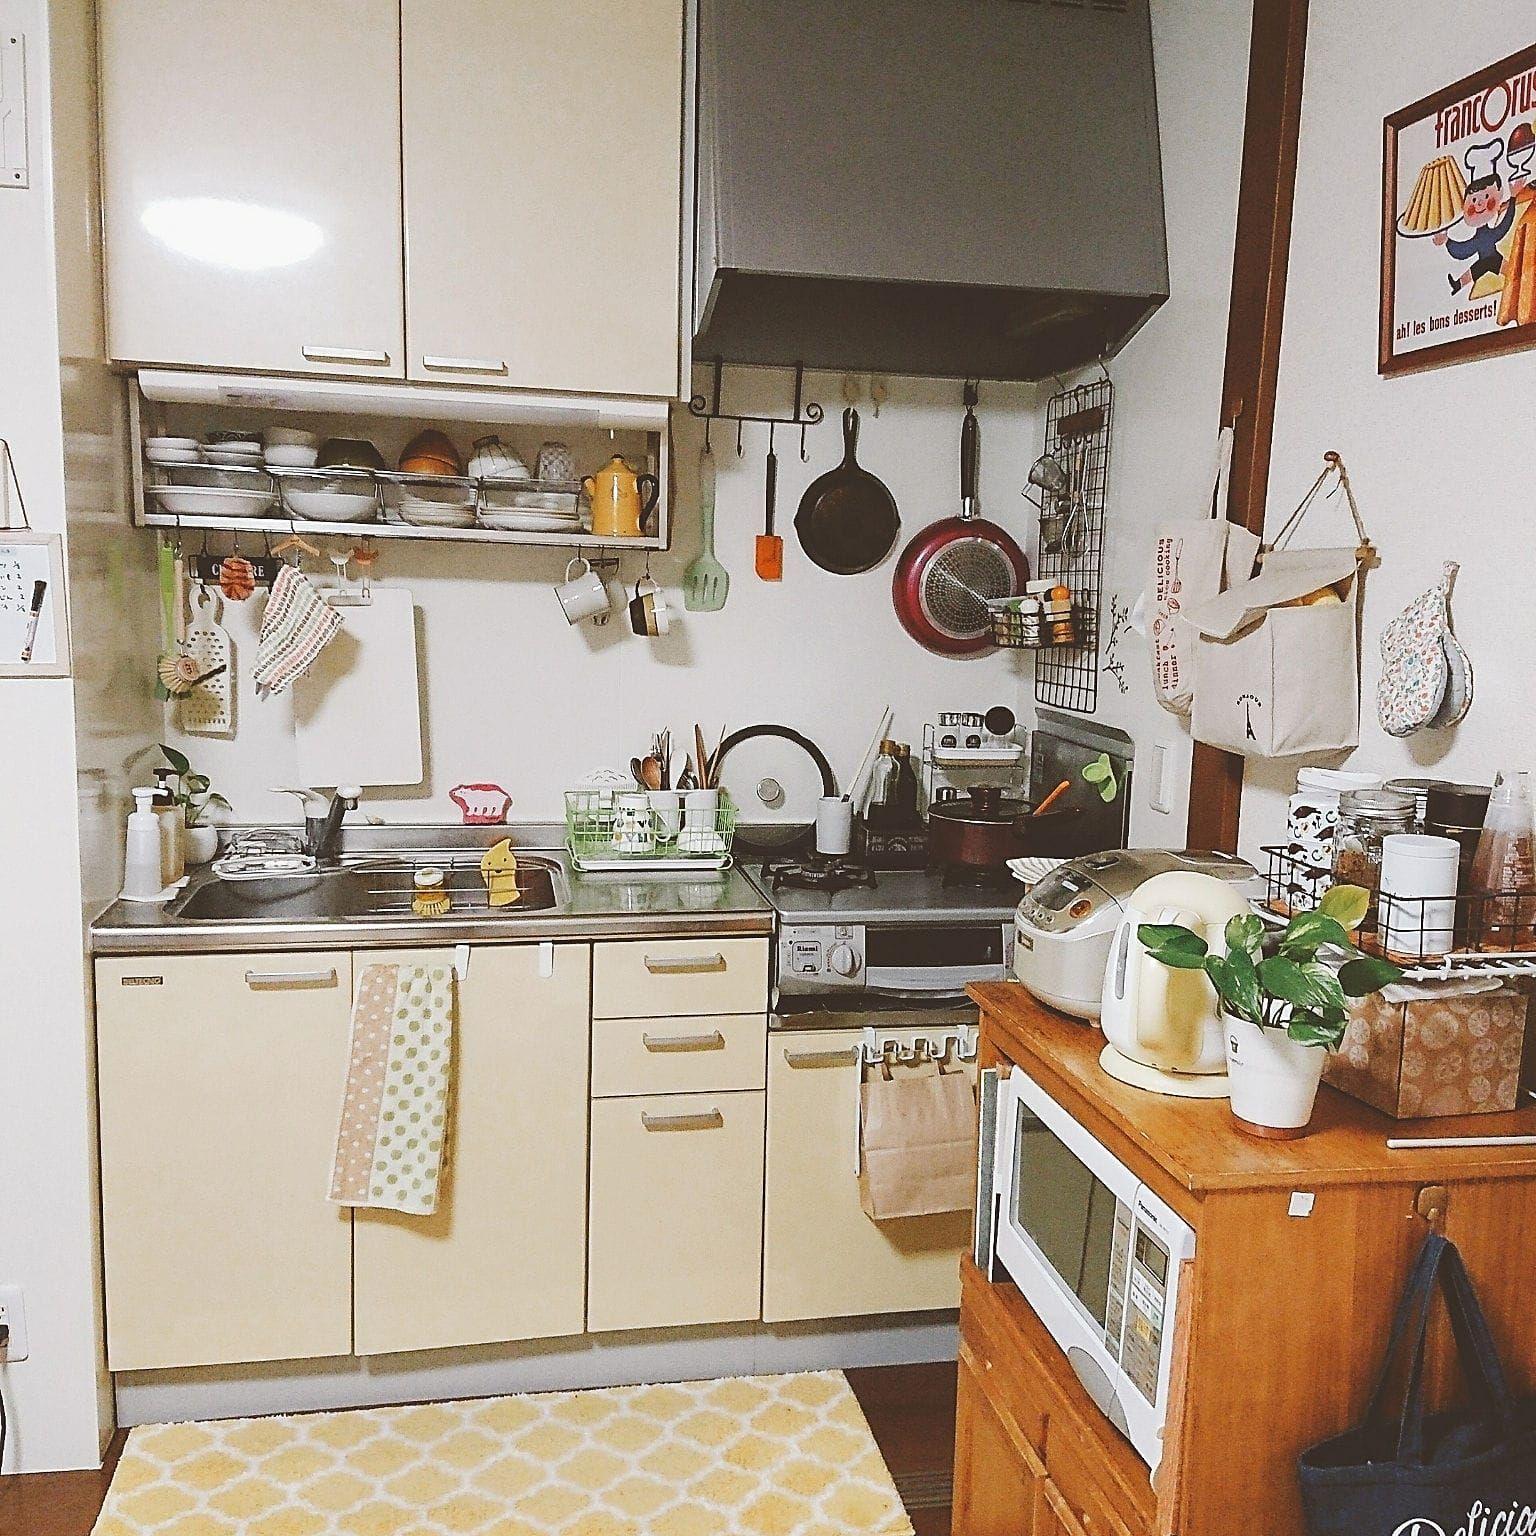 一人暮らしの狭いキッチン向け収納方法 レイアウト実例 2020